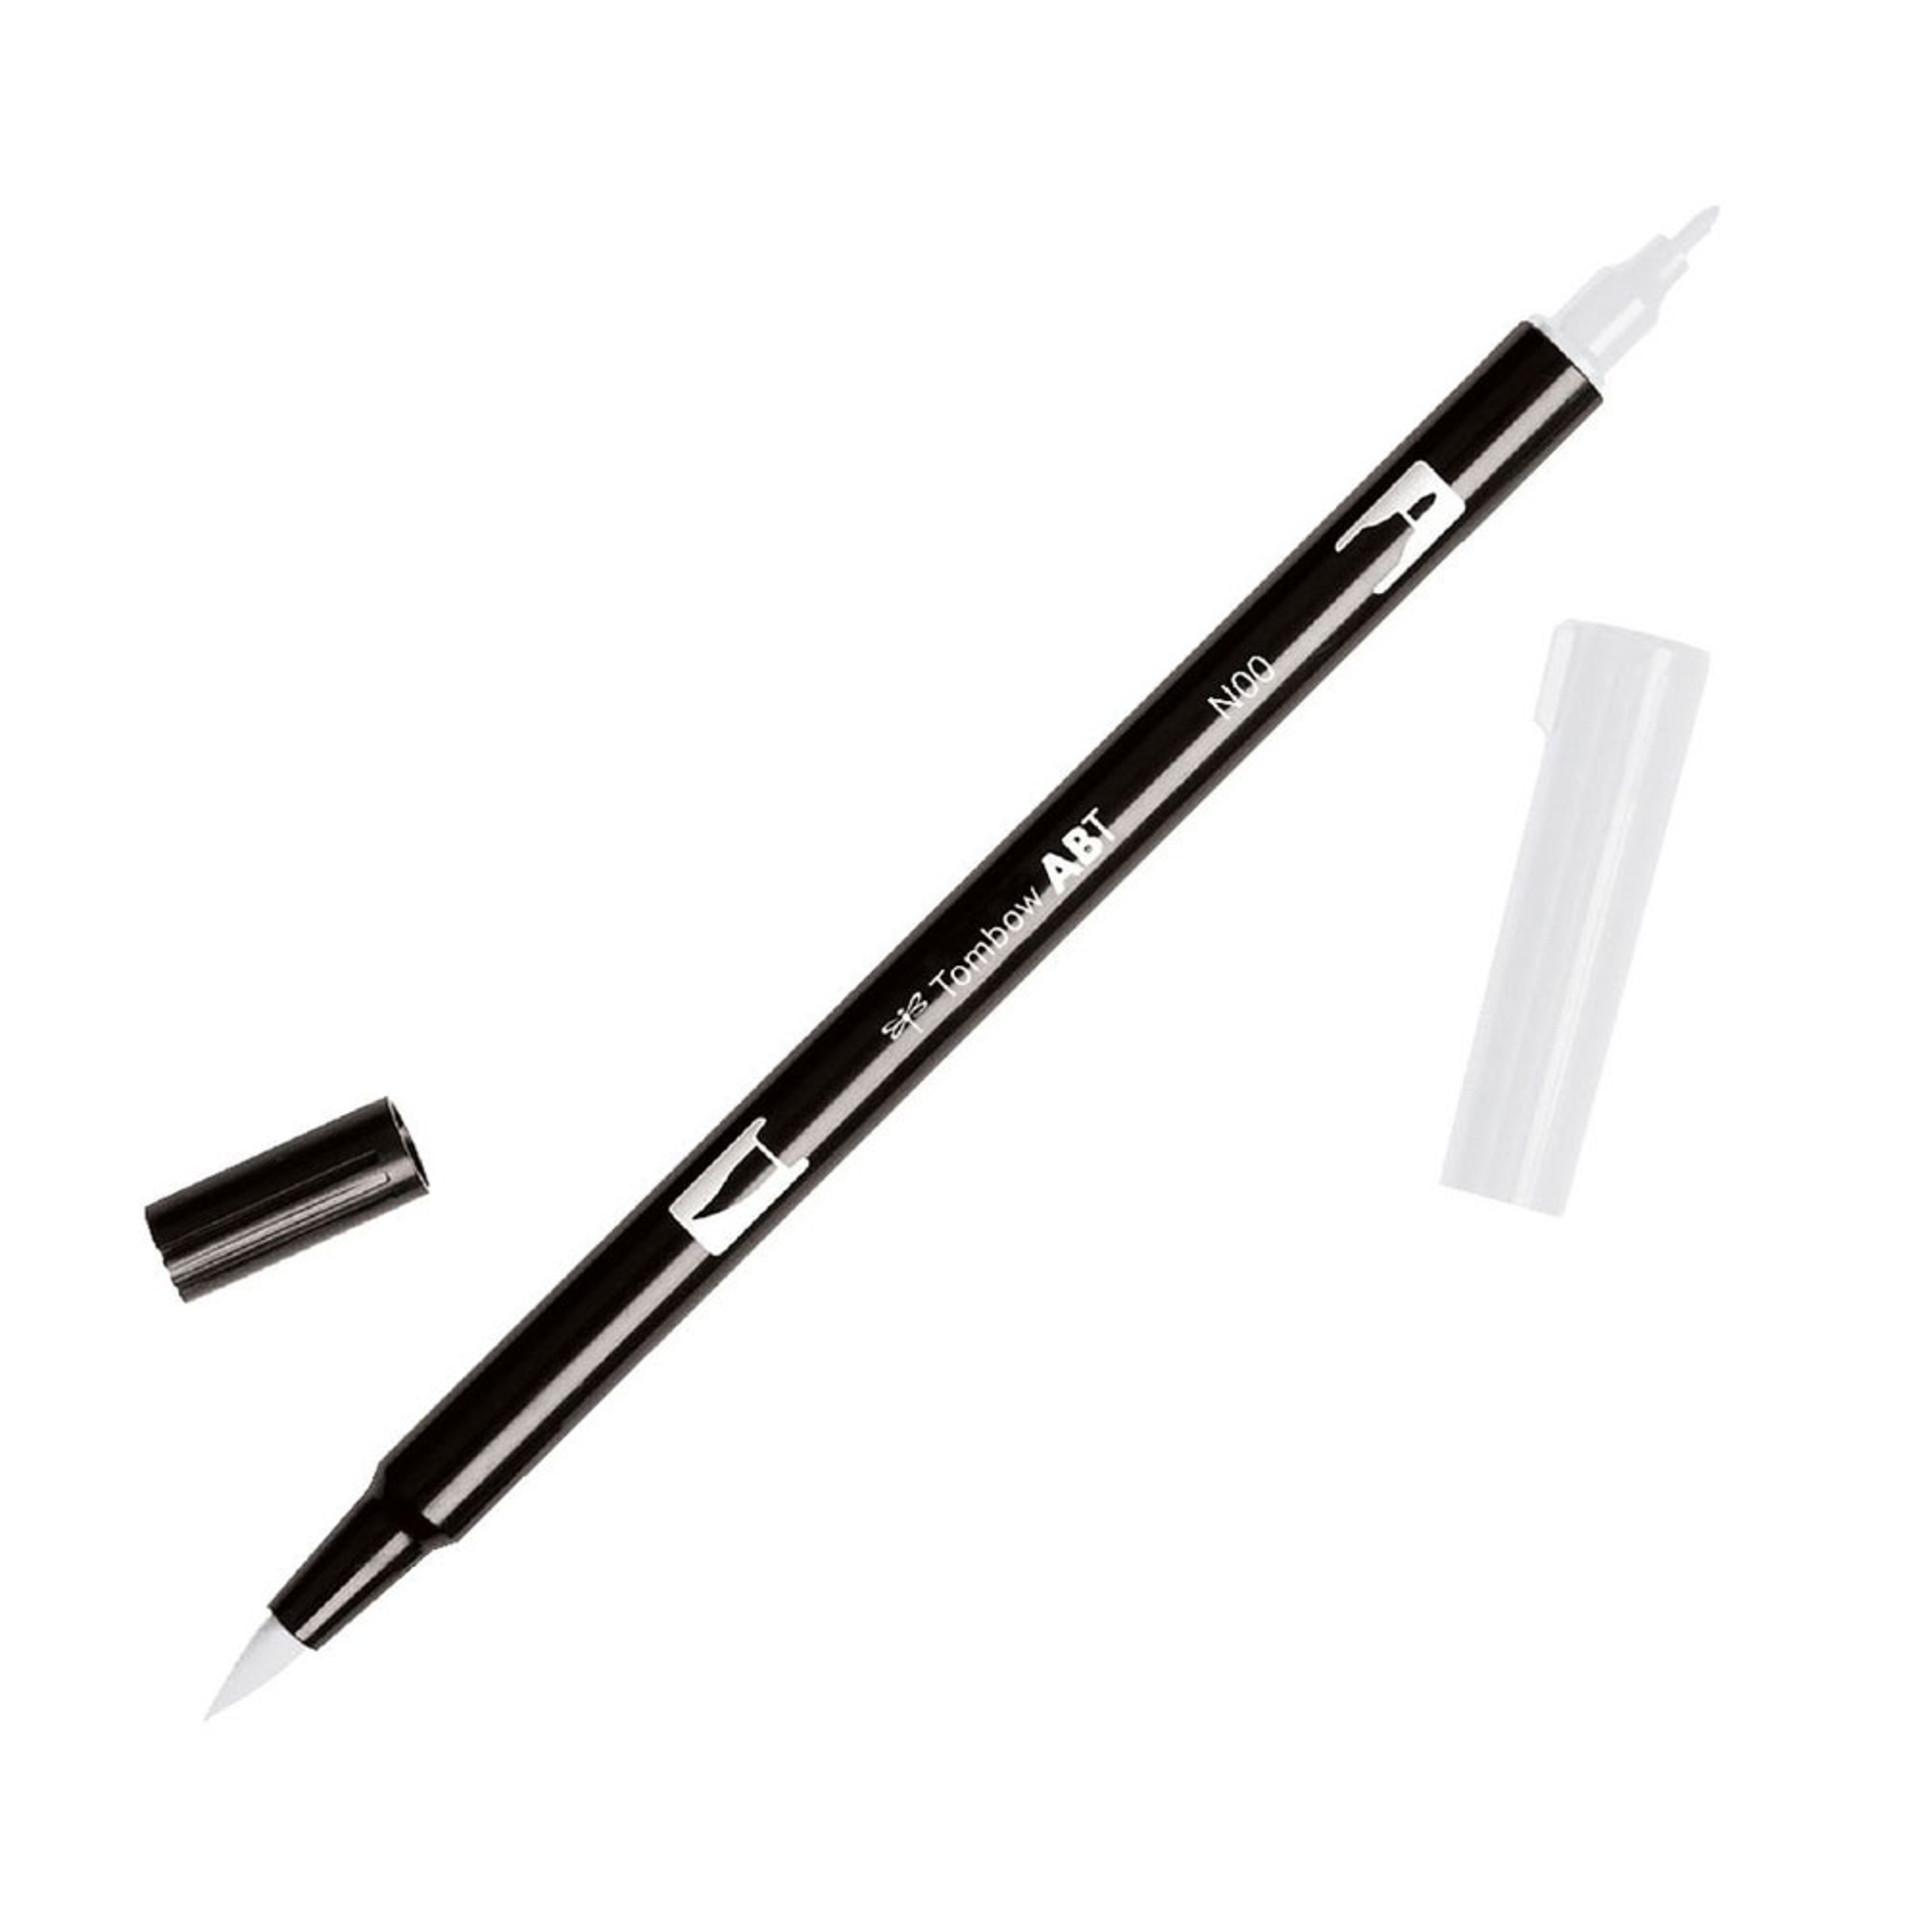 Tombow Dual-Tip Brush Marker Pen – Blender